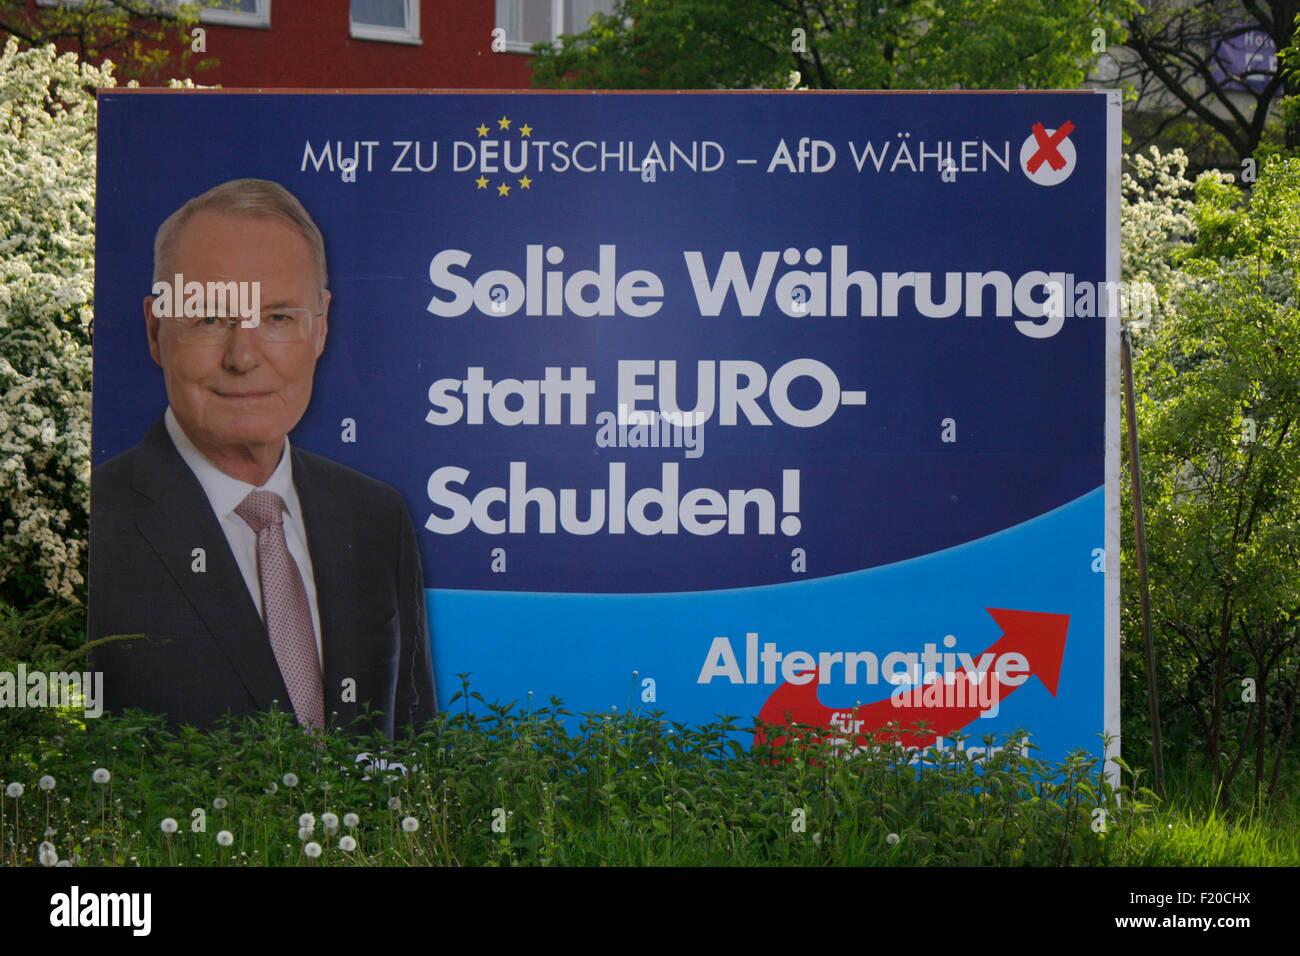 """""""Olide Waehrung statt Euro Schulden', Olaf Henkel, Alternativa fuer Deutschland - Wahlplakate zur anstehenden Imagen De Stock"""